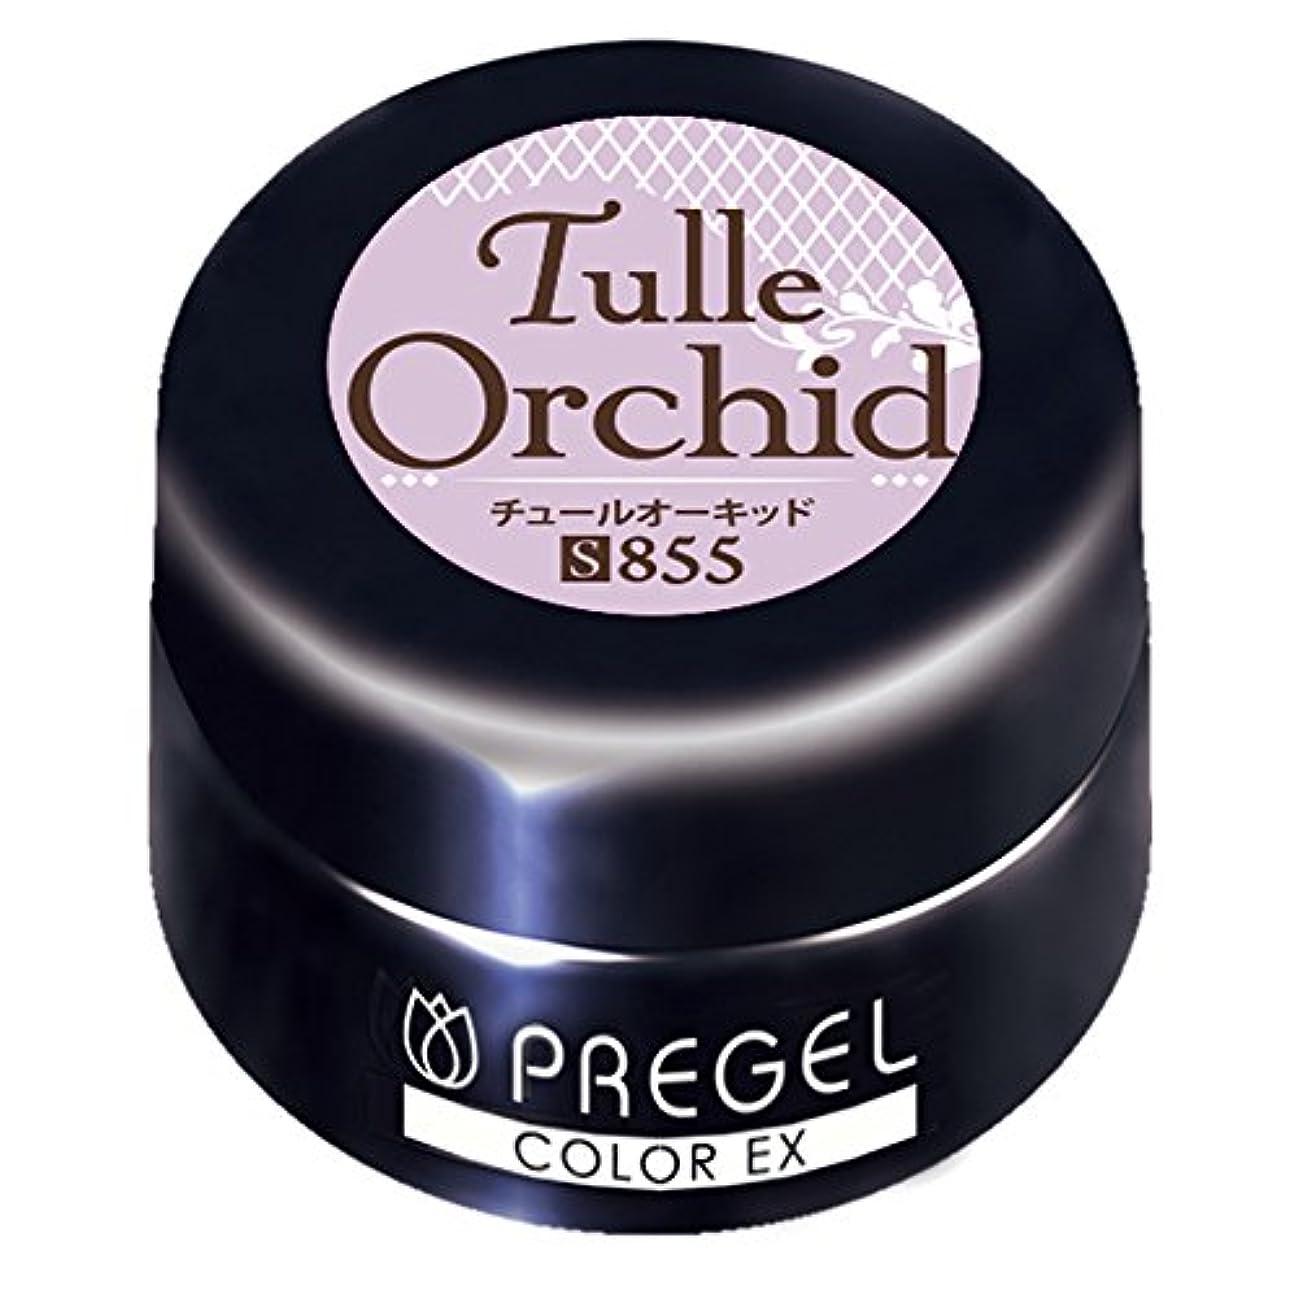 インストール思想不健康PRE GEL カラーEX チュールオーキッド855 3g UV/LED対応 カラージェル